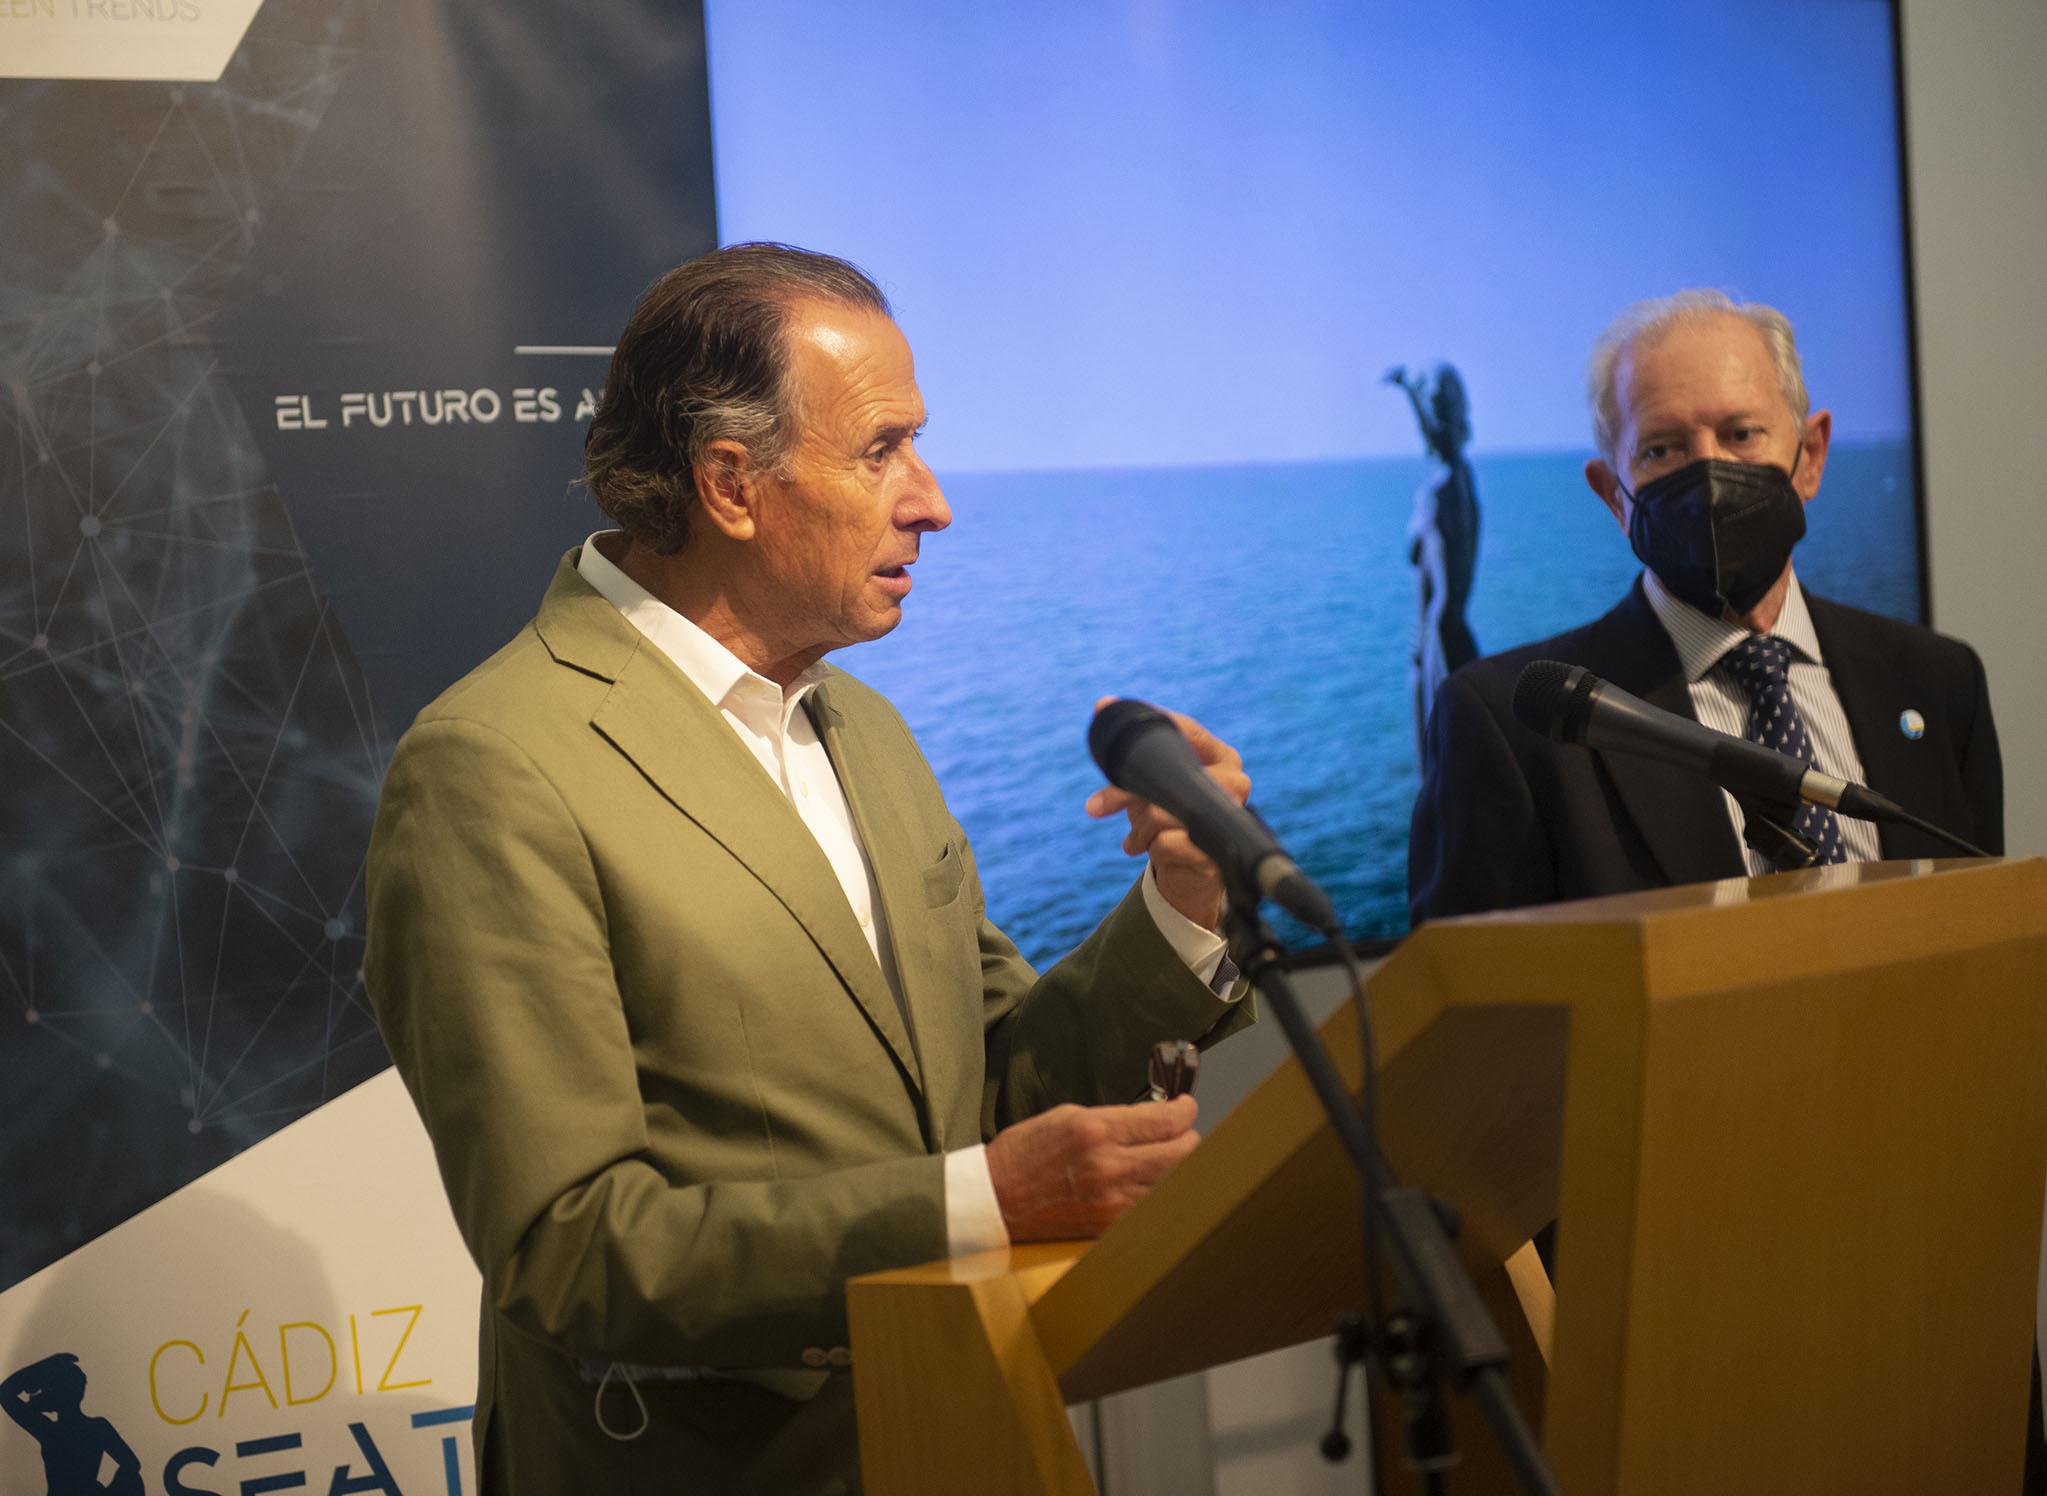 CÁDIZ SEATRADE 2021, primer paso hacia la feria del sector naval andaluz